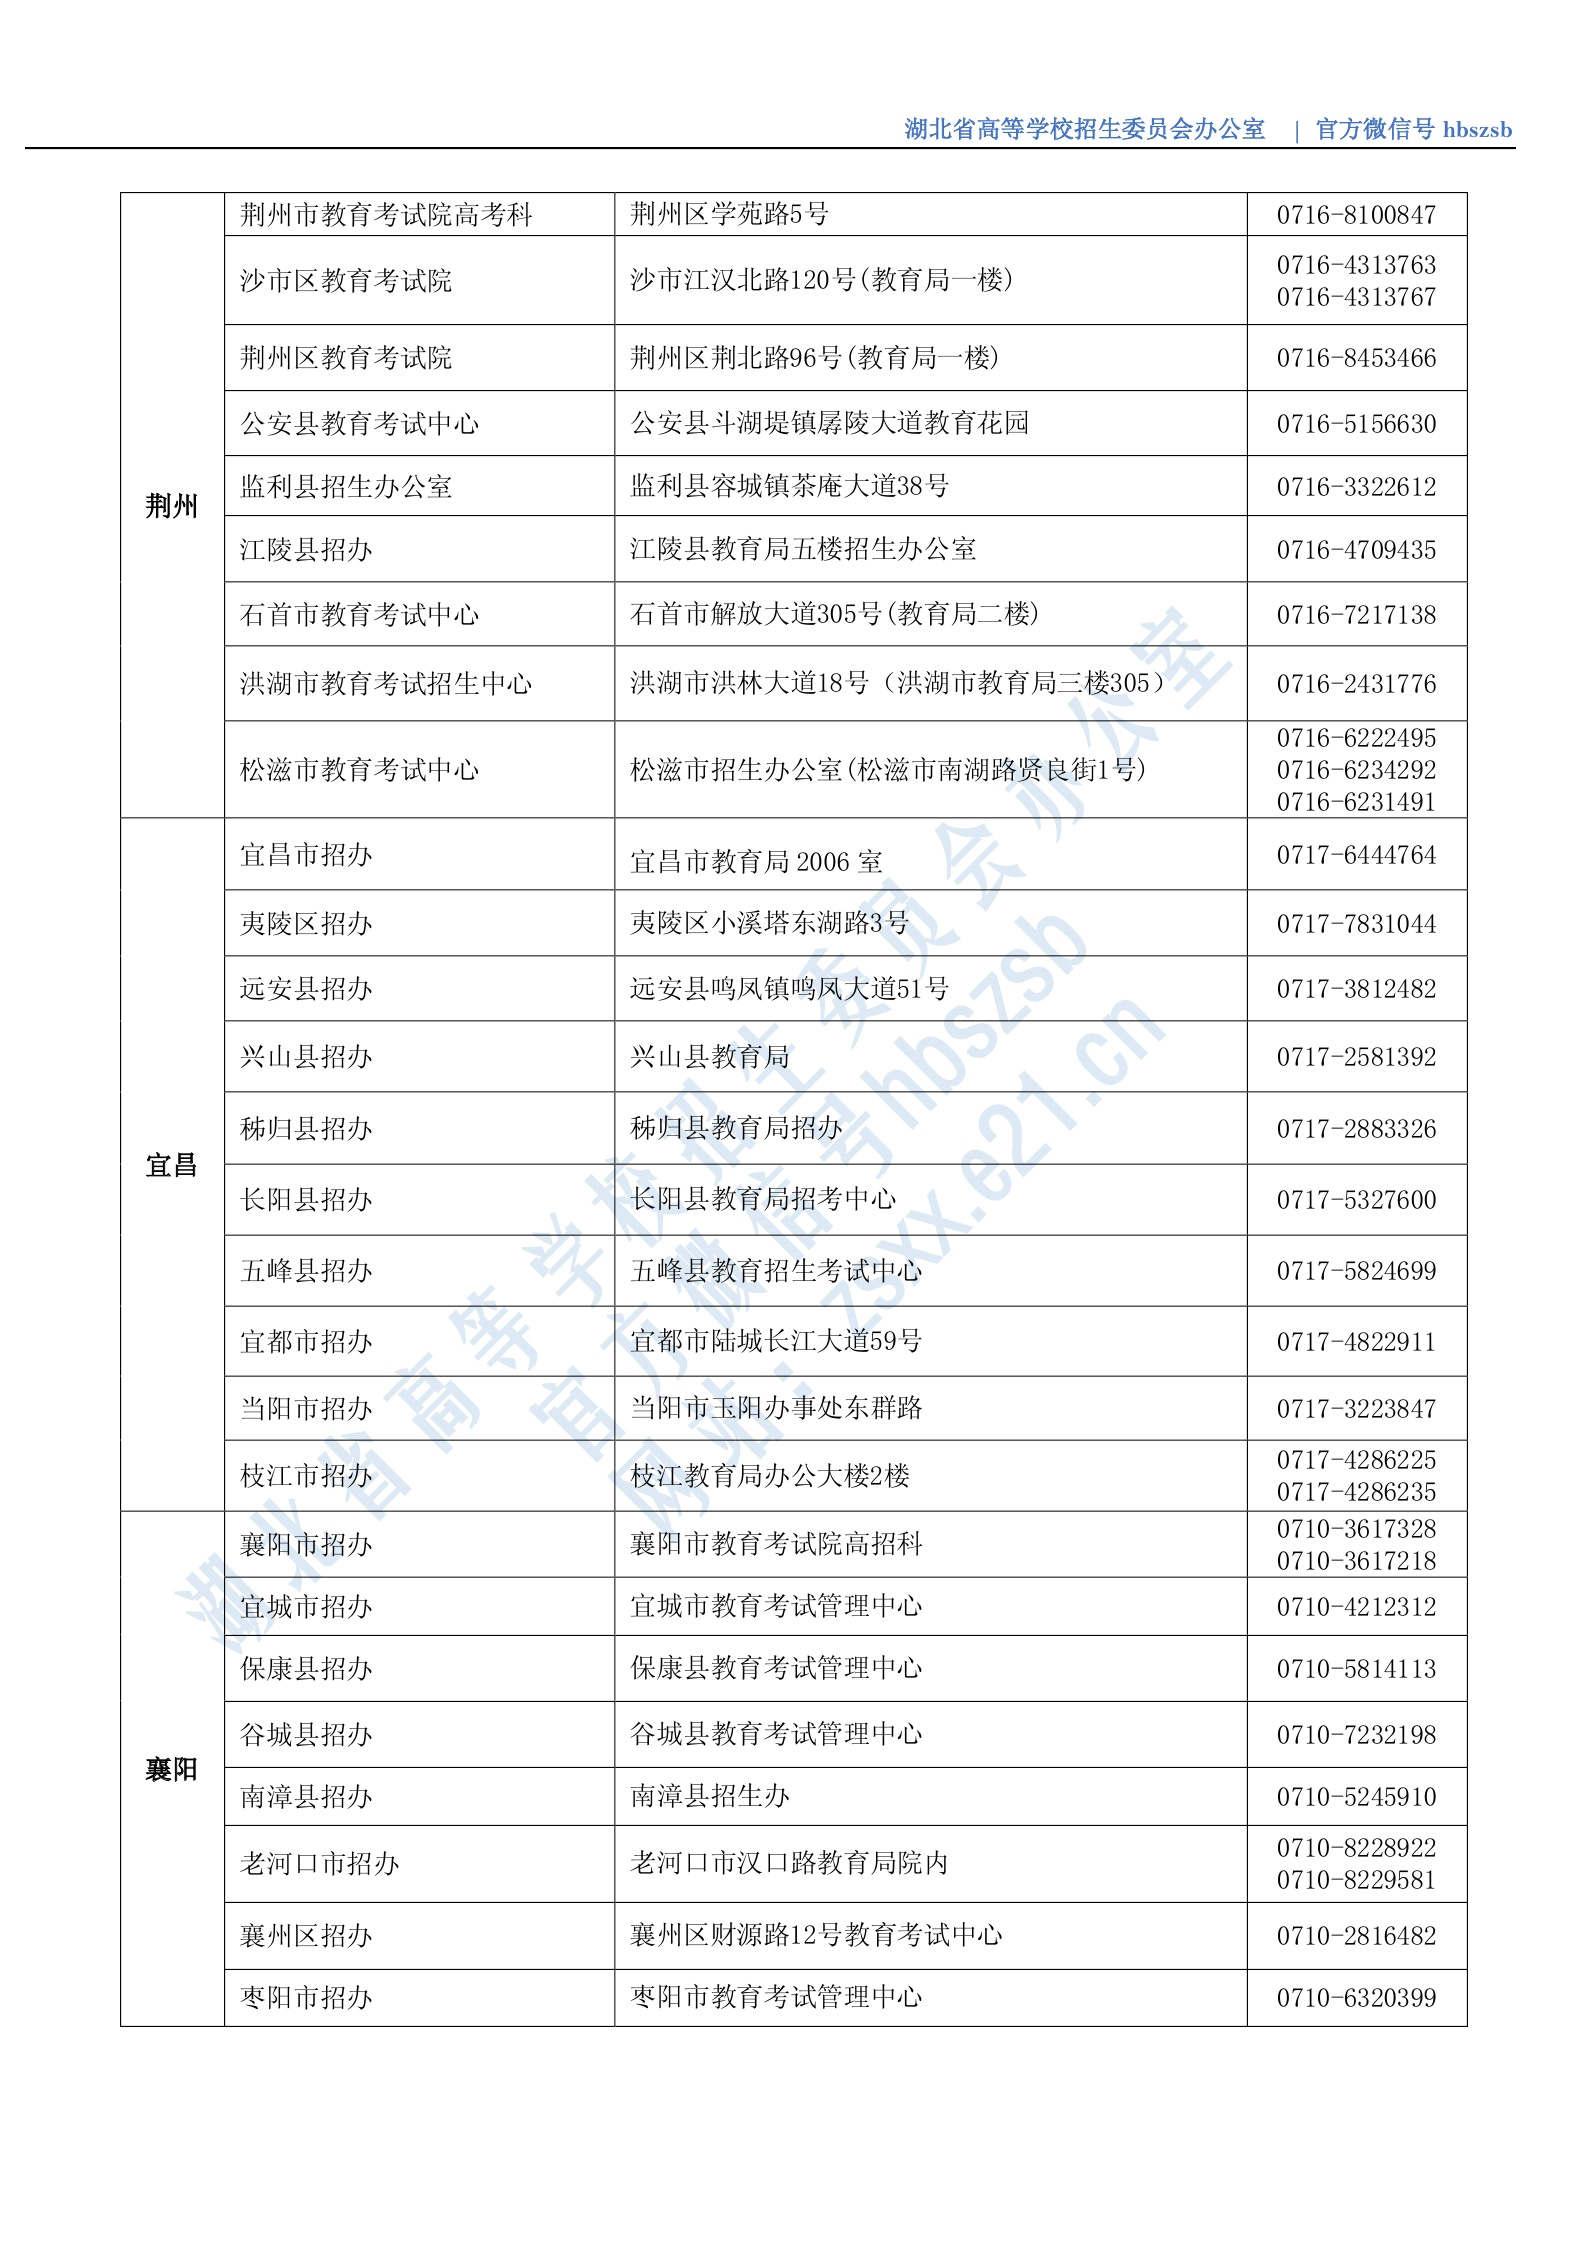 湖北省2020年市(縣、區)招辦咨詢接待聯系方式